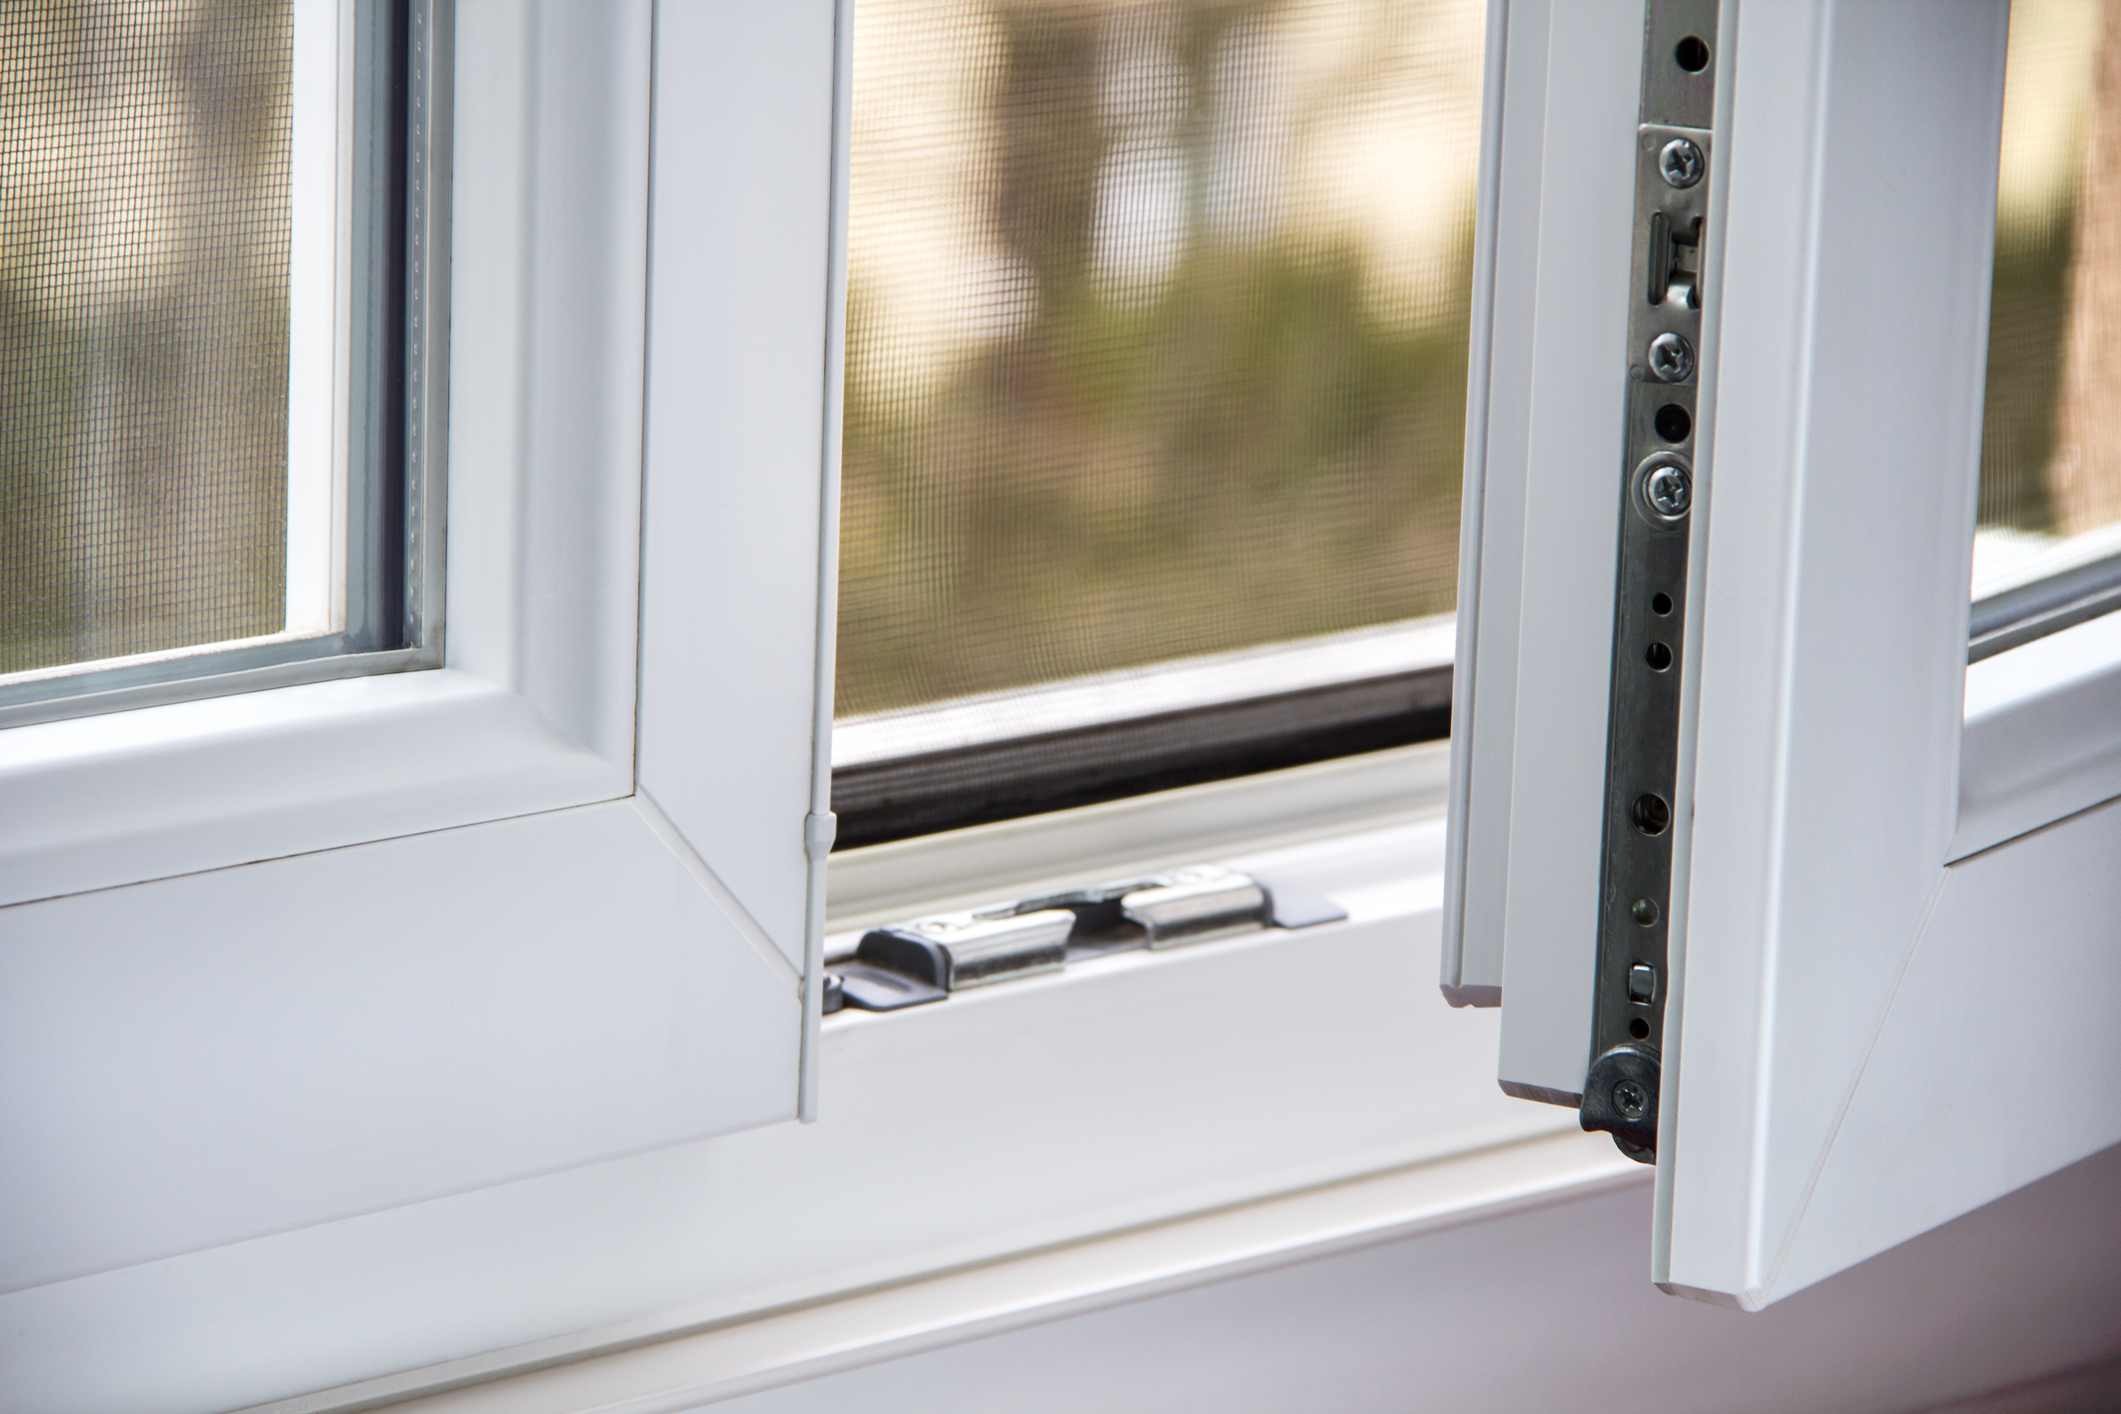 Einbruchschutz am Fenster